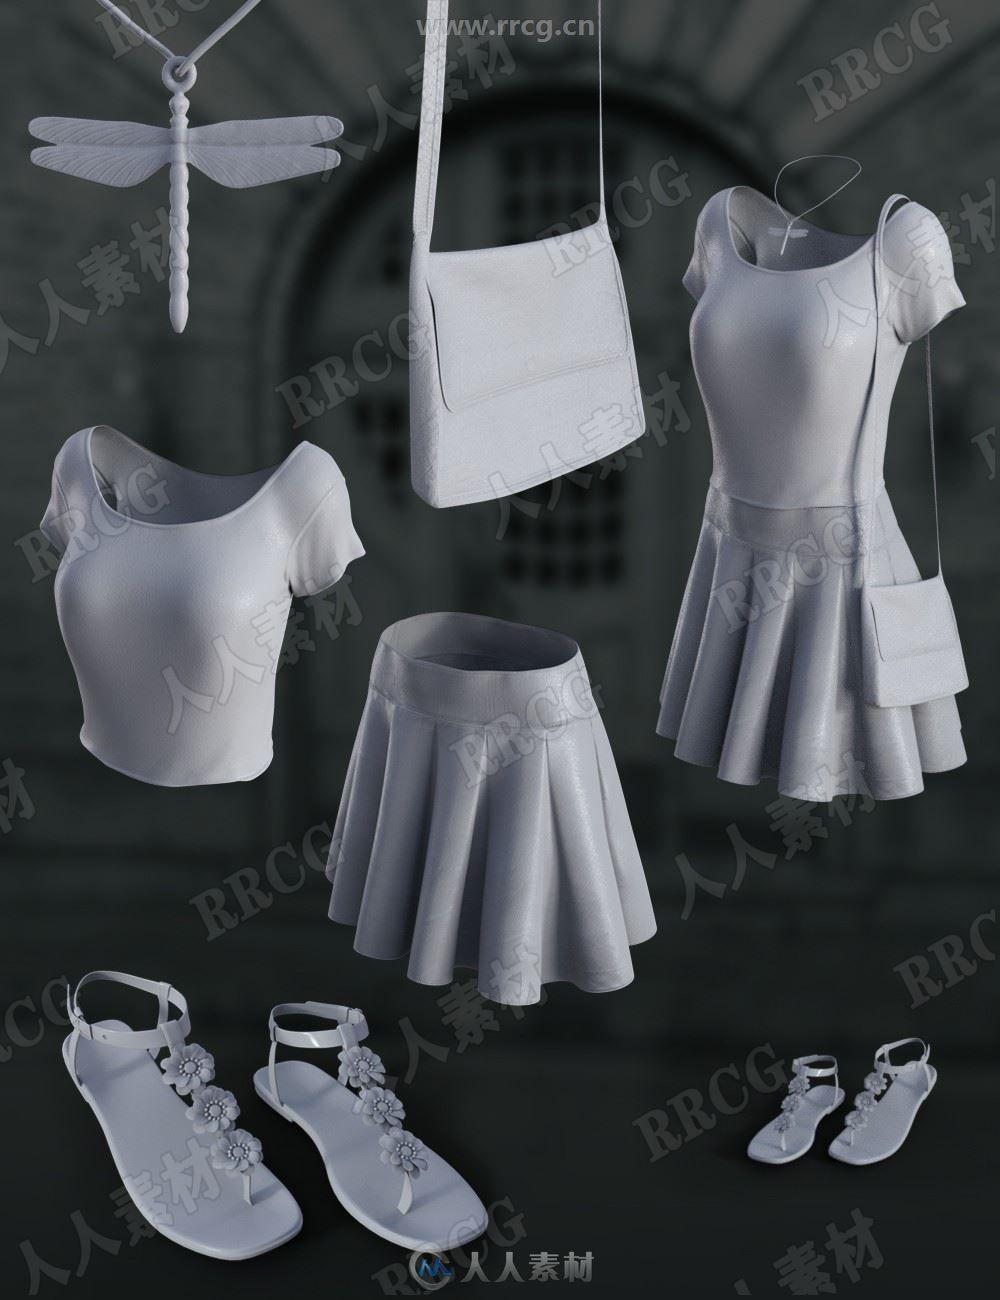 简单时尚小清新夏季清凉女性分体套装3D模型合集